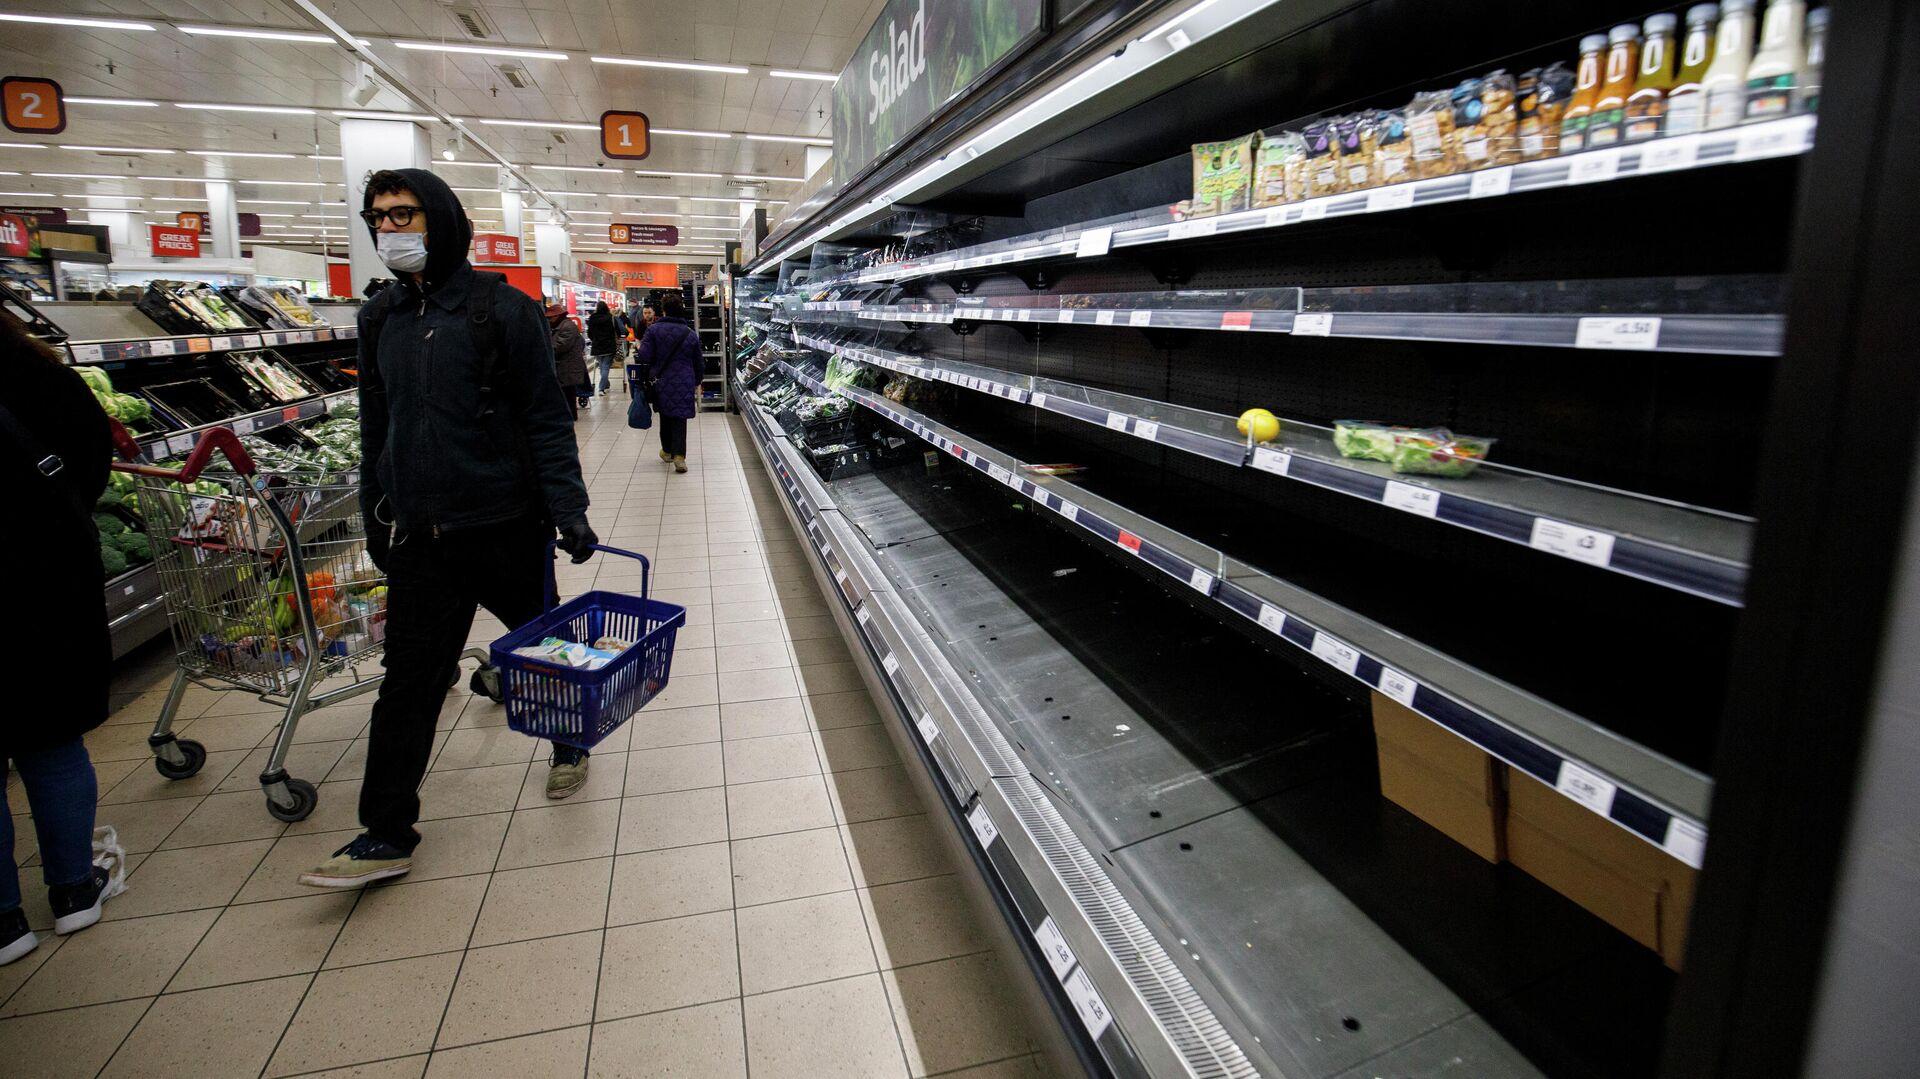 Люди возле пустых полок в супермаркете Лондона - Sputnik Узбекистан, 1920, 01.09.2021